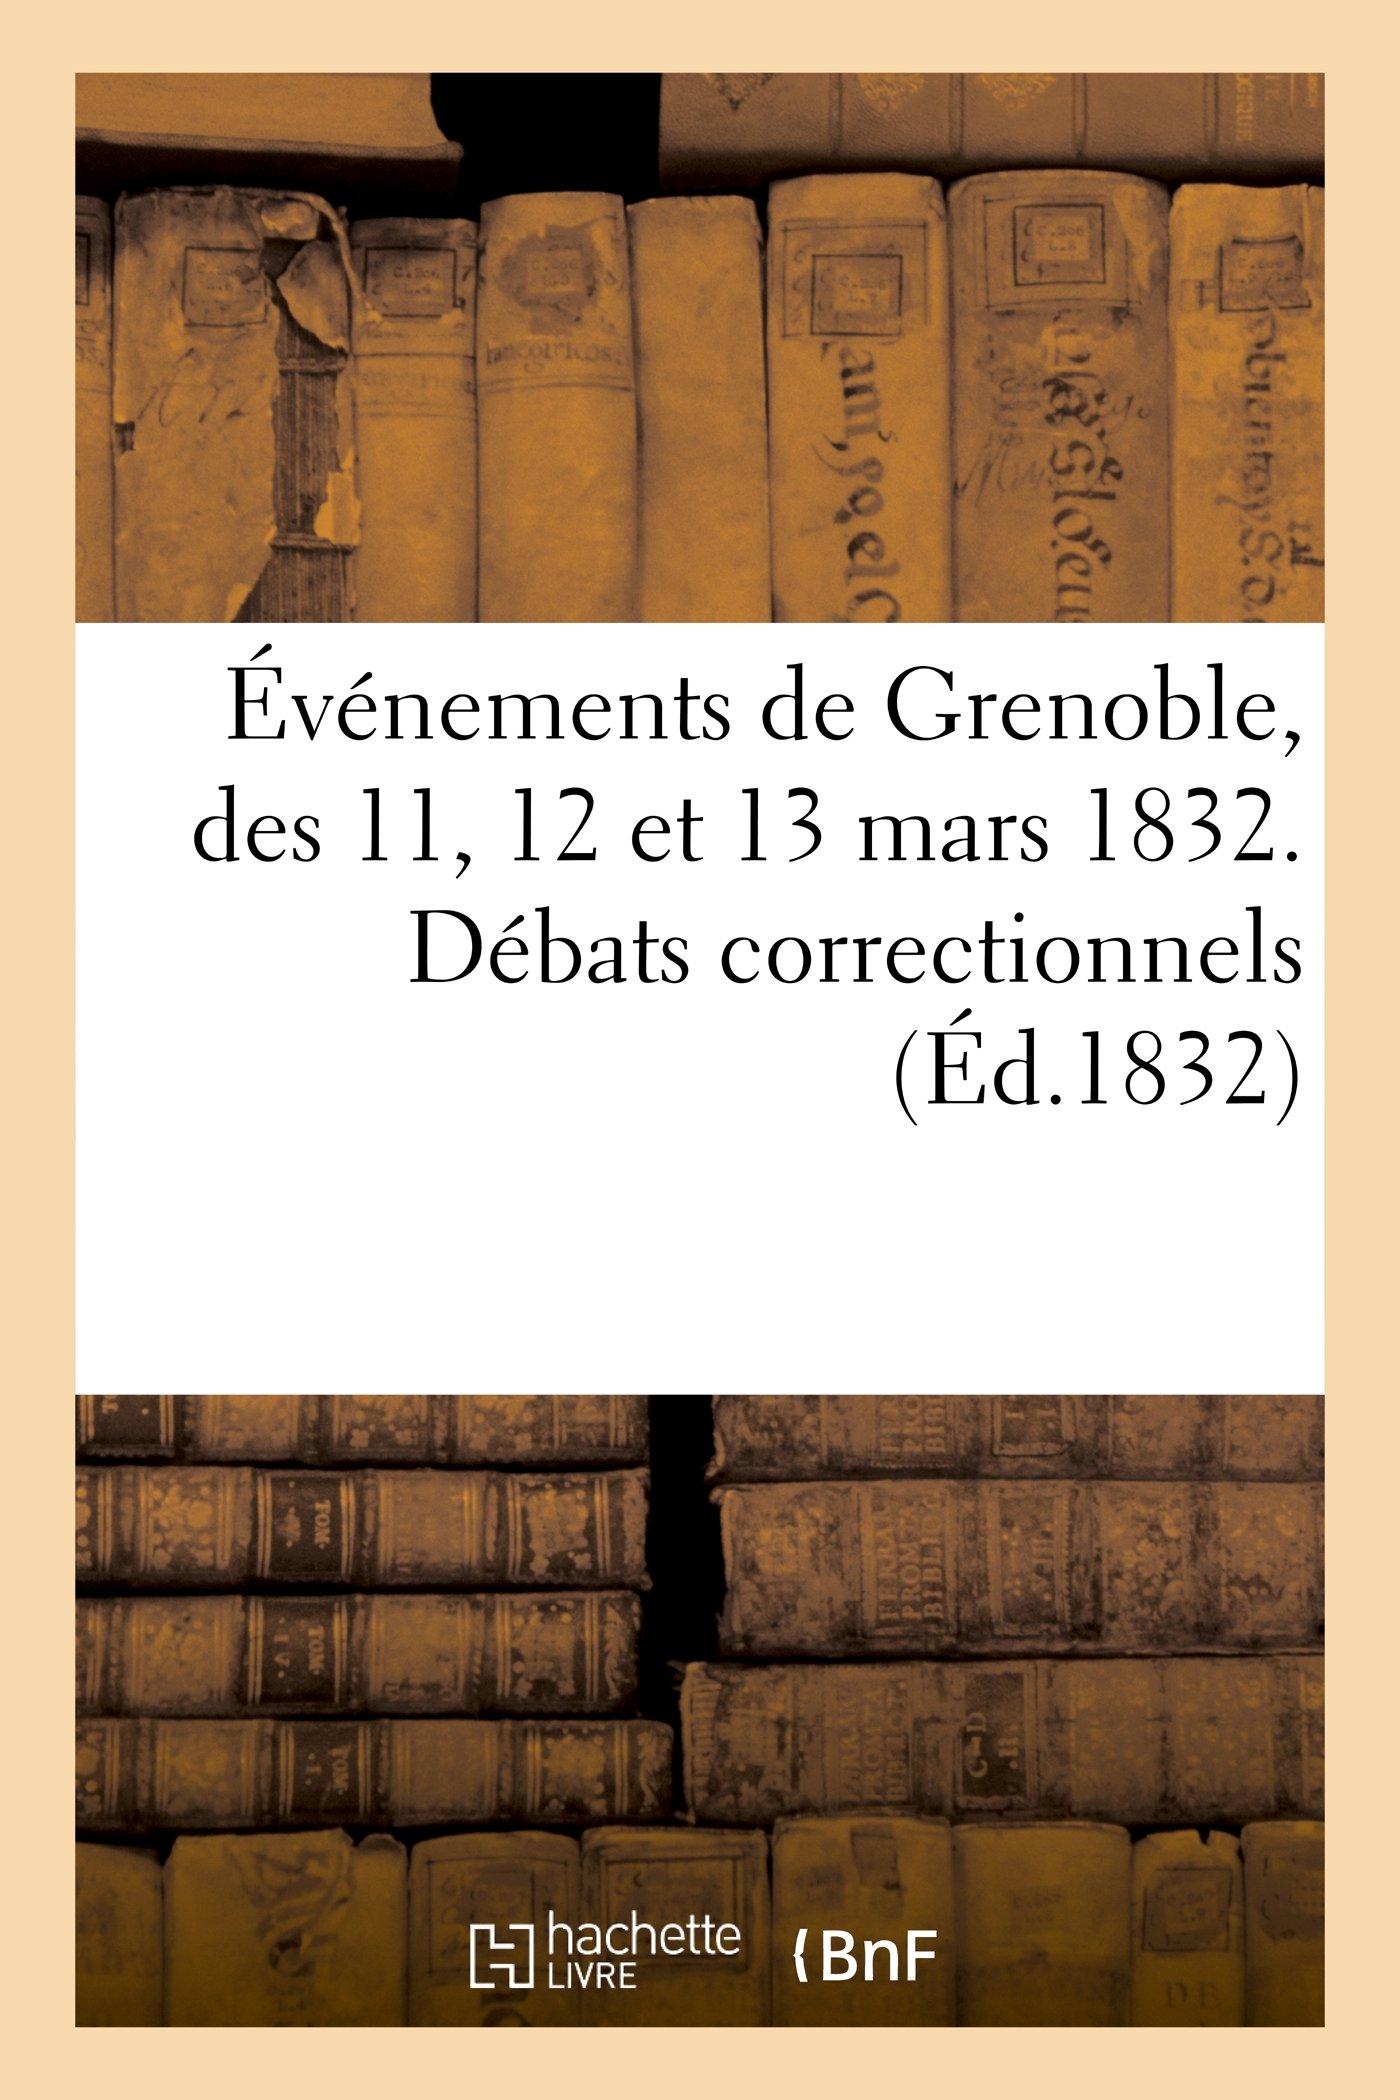 Evenements de Grenoble, Des 11, 12 Et 13 Mars 1832. Debats Correctionnels Devant Le Tribunal (Histoire) (French Edition) ebook